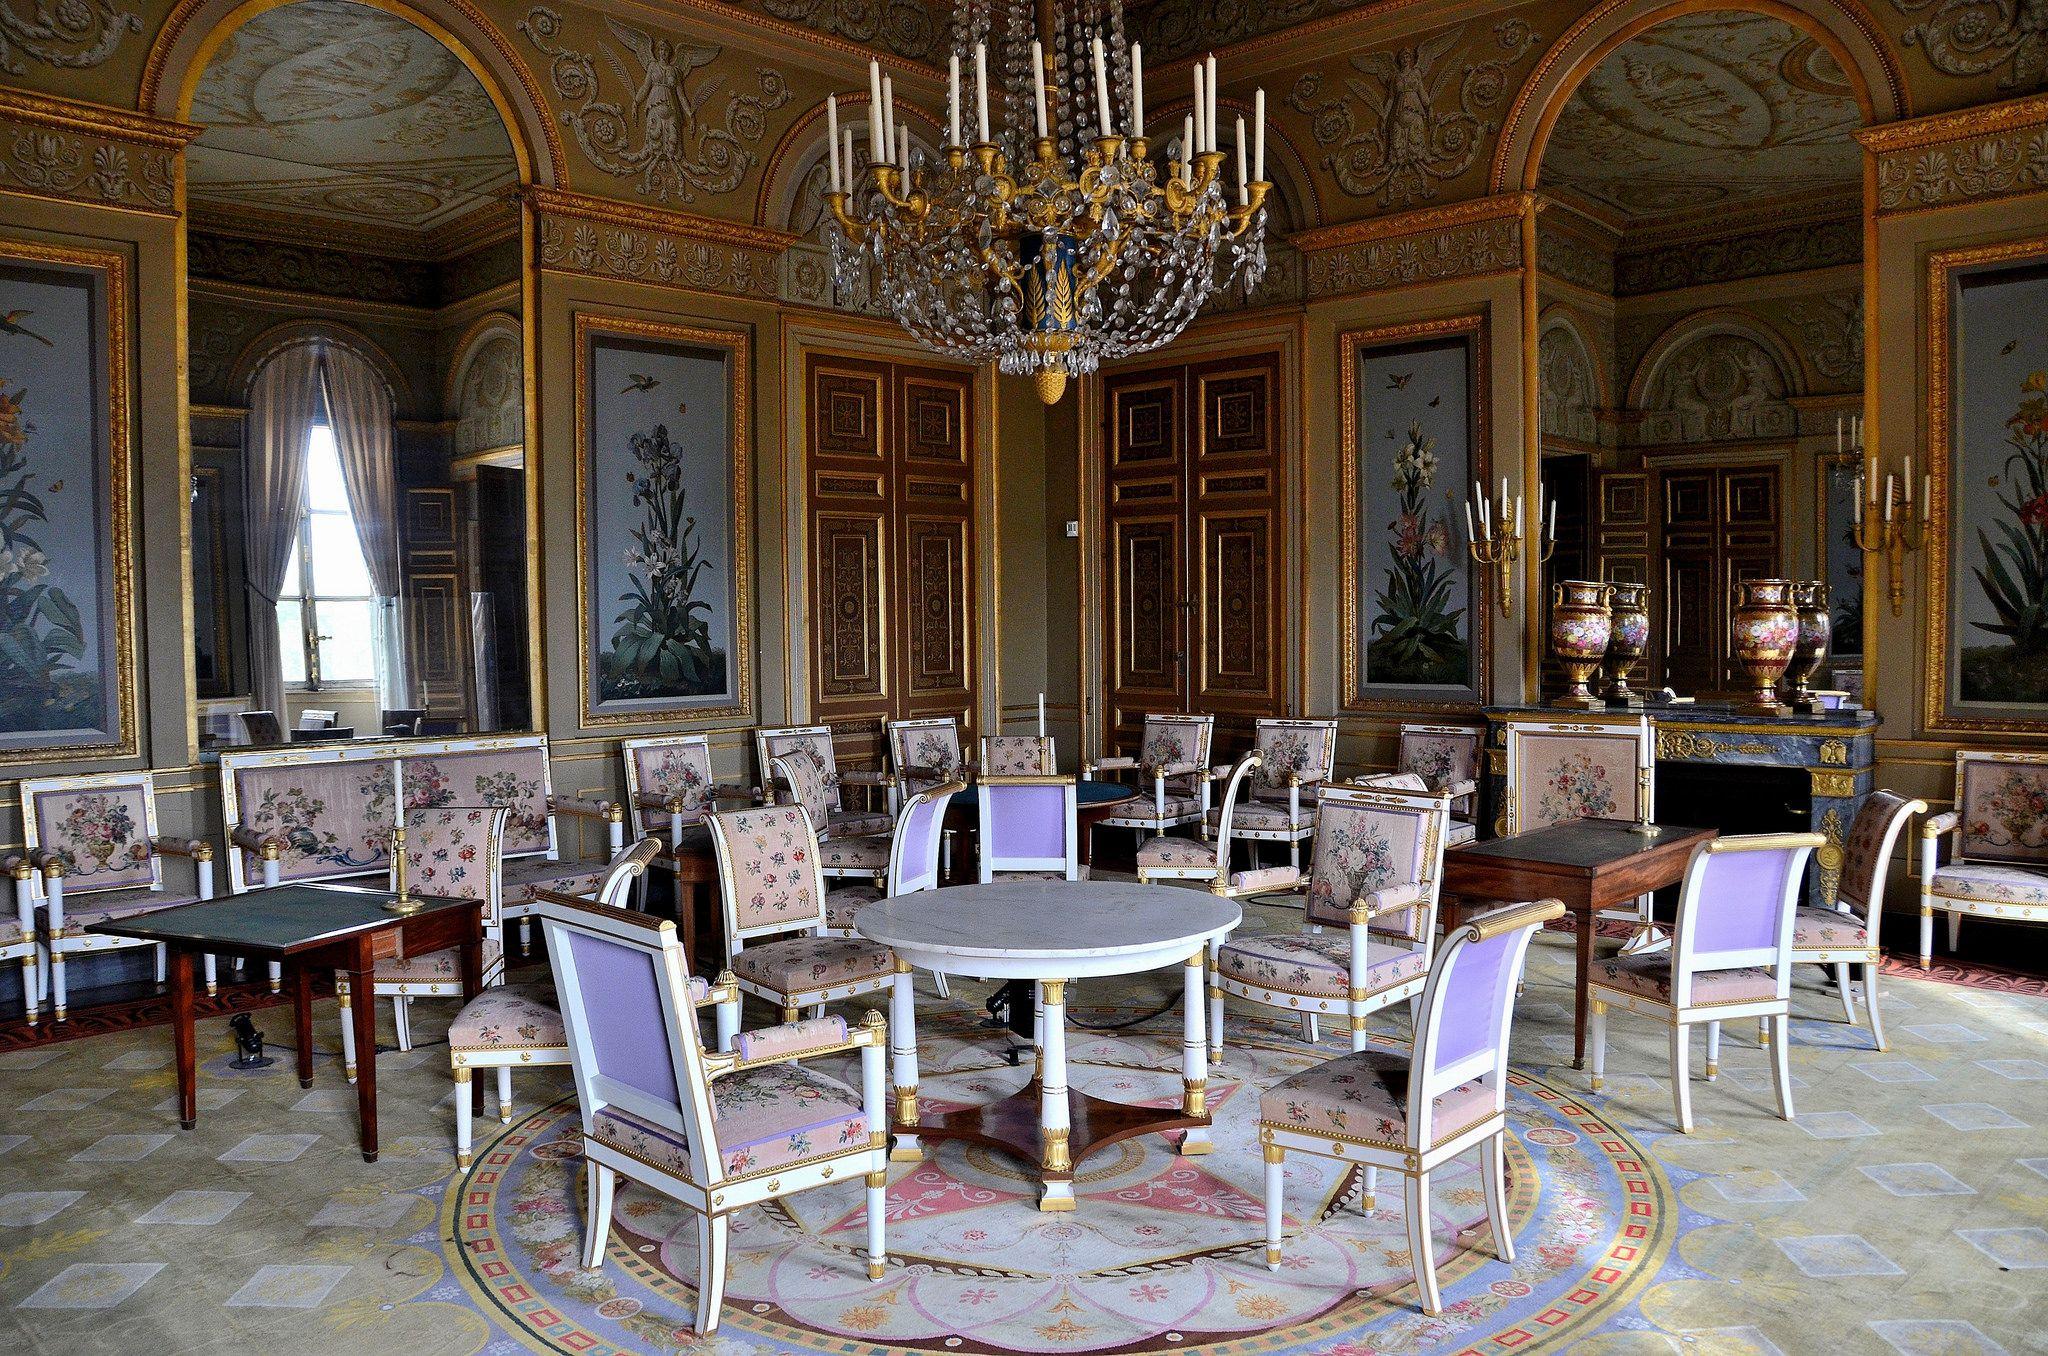 Ch Teau De Compi Gne Oise Salon Des Fleurs French Interior